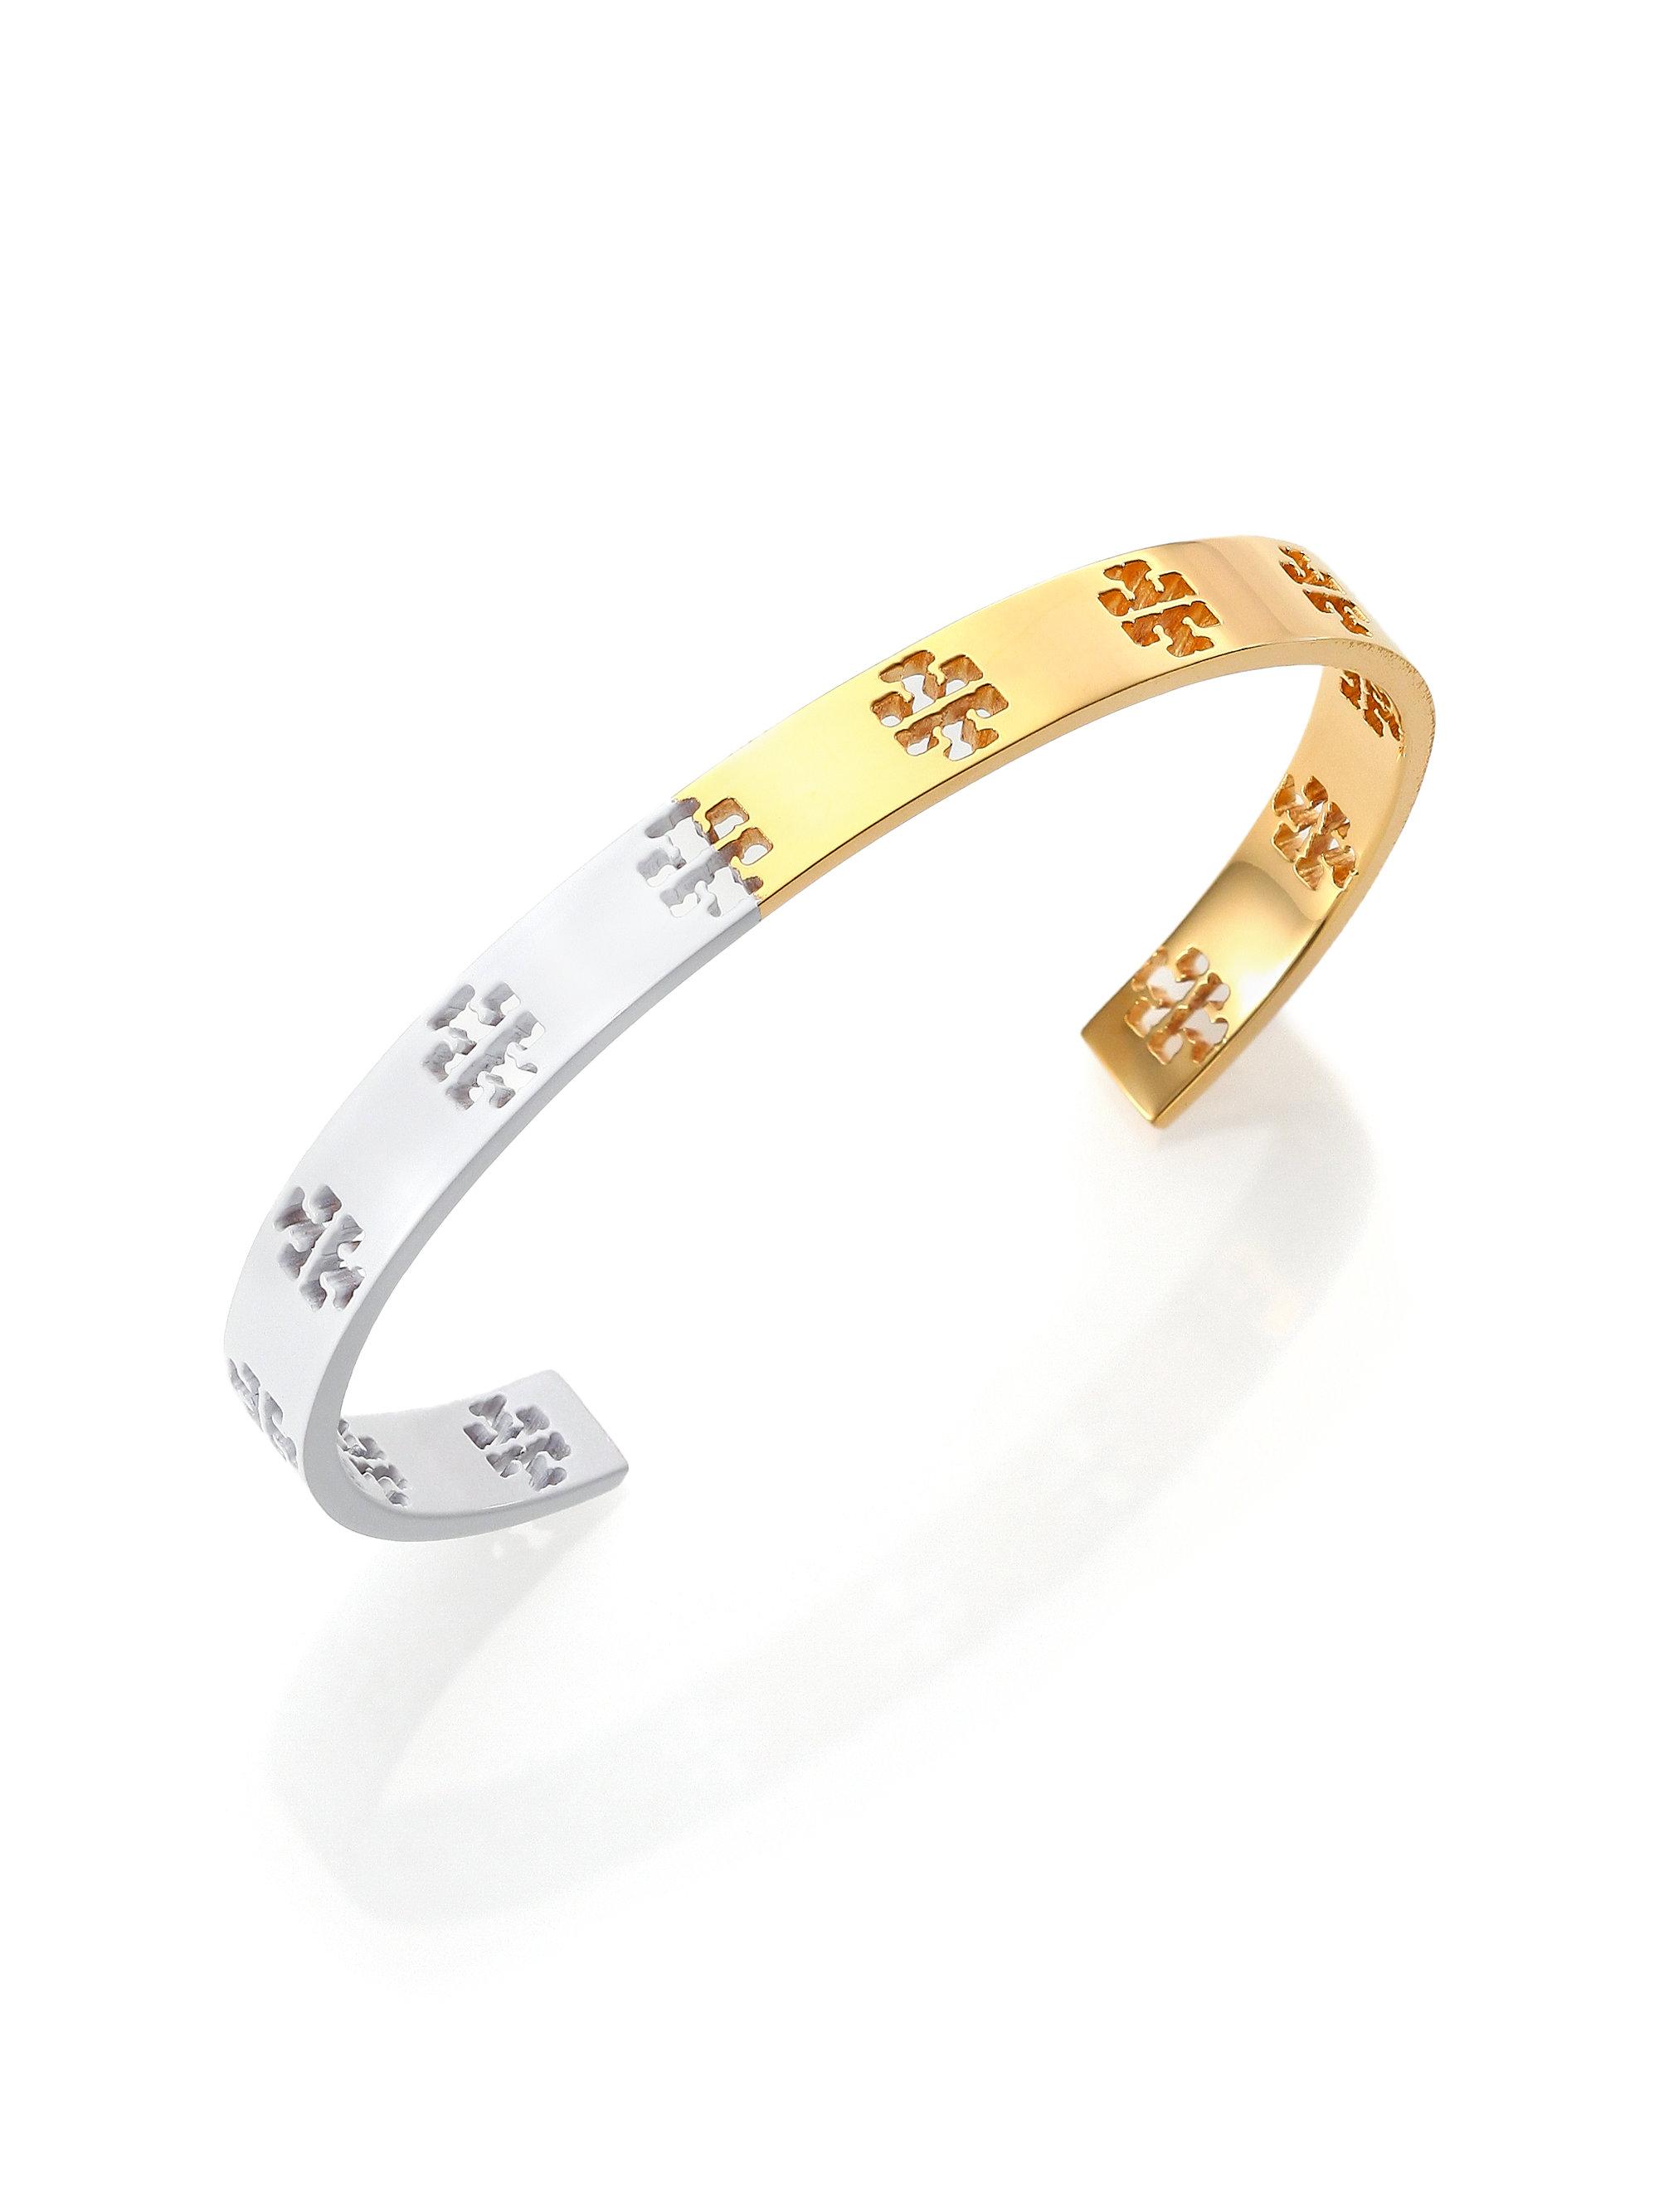 Tory Burch Dipped Pierced T Logo Cuff Bracelet White In